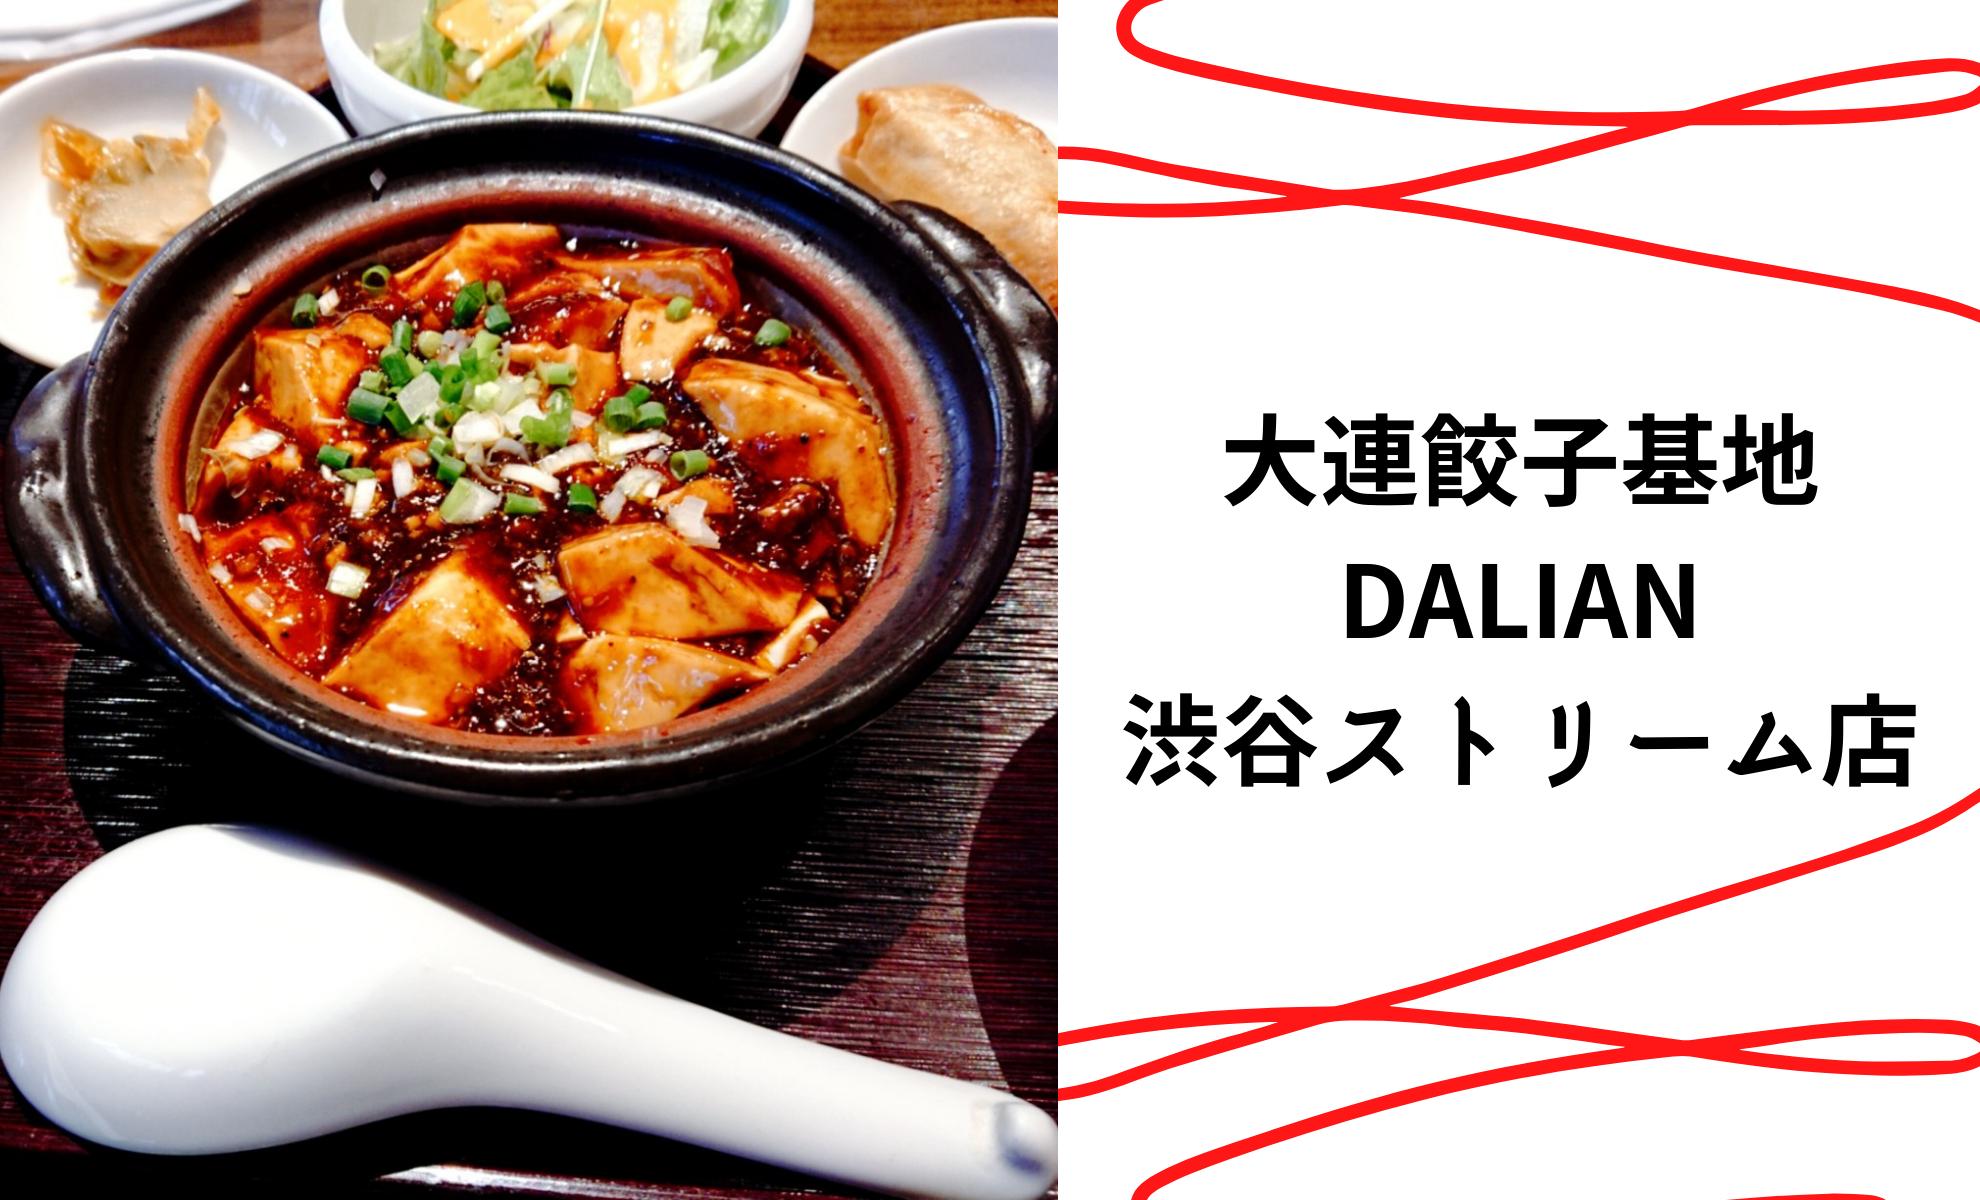 大連餃子基地 DALIAN 渋谷ストリーム店